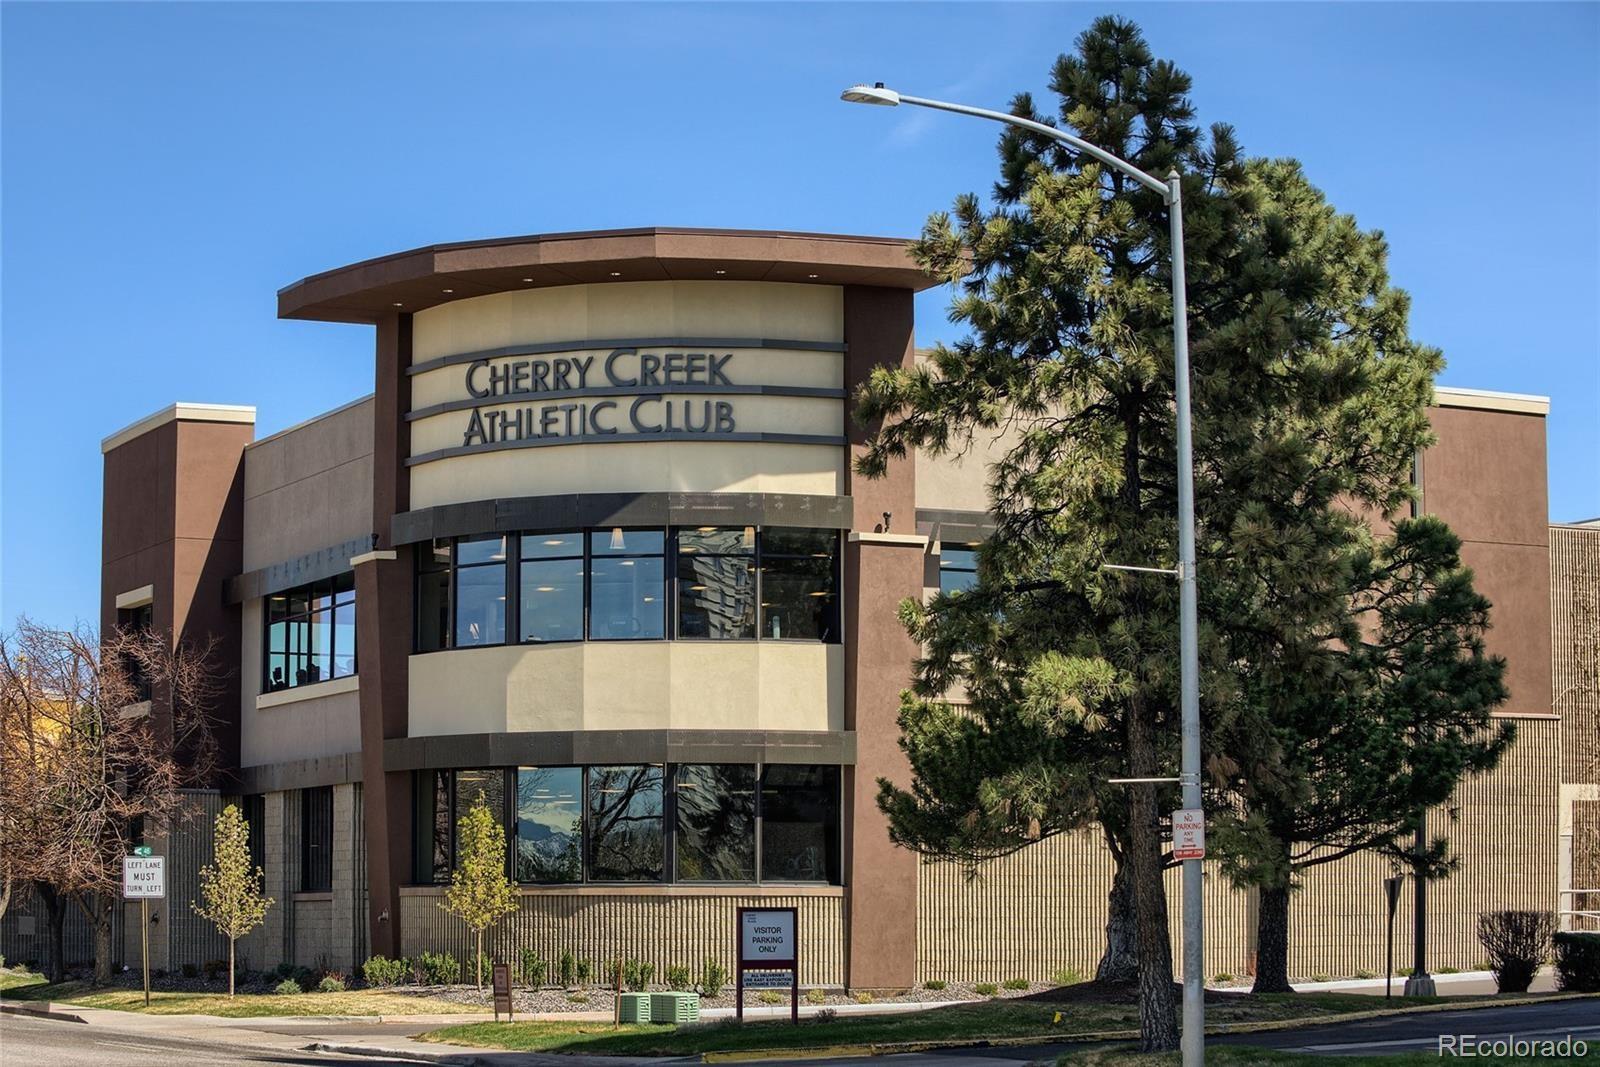 MLS# 2738883 - 31 - 5300 E Cherry Creek South Drive #501, Denver, CO 80246